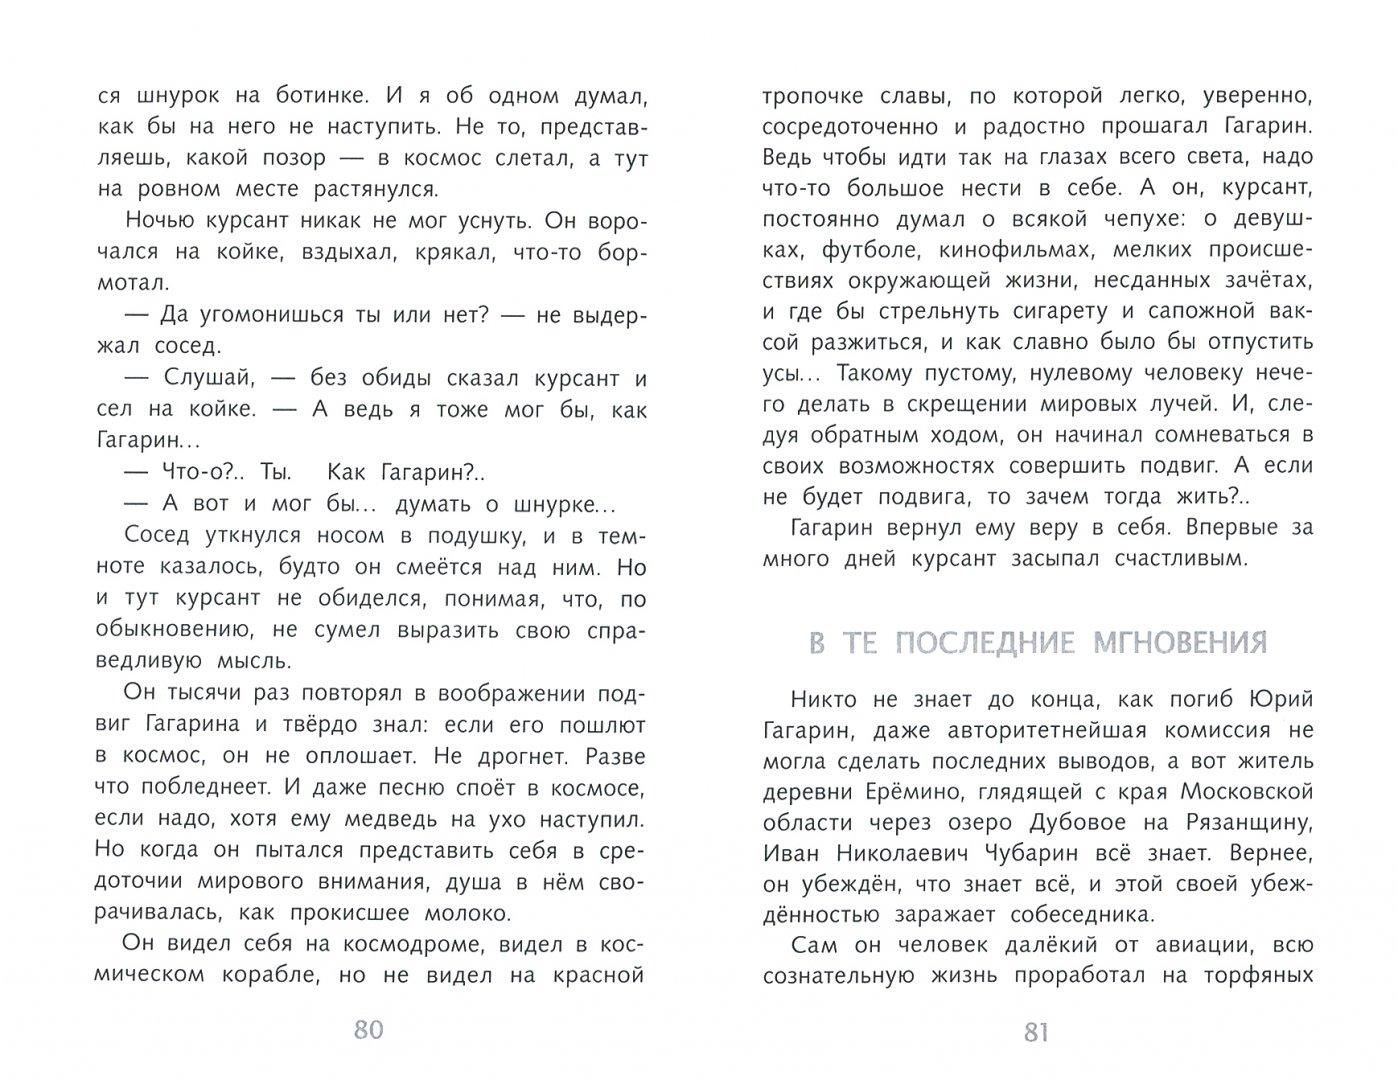 Иллюстрация 1 из 23 для Рассказы о Гагарине - Юрий Нагибин | Лабиринт - книги. Источник: Лабиринт